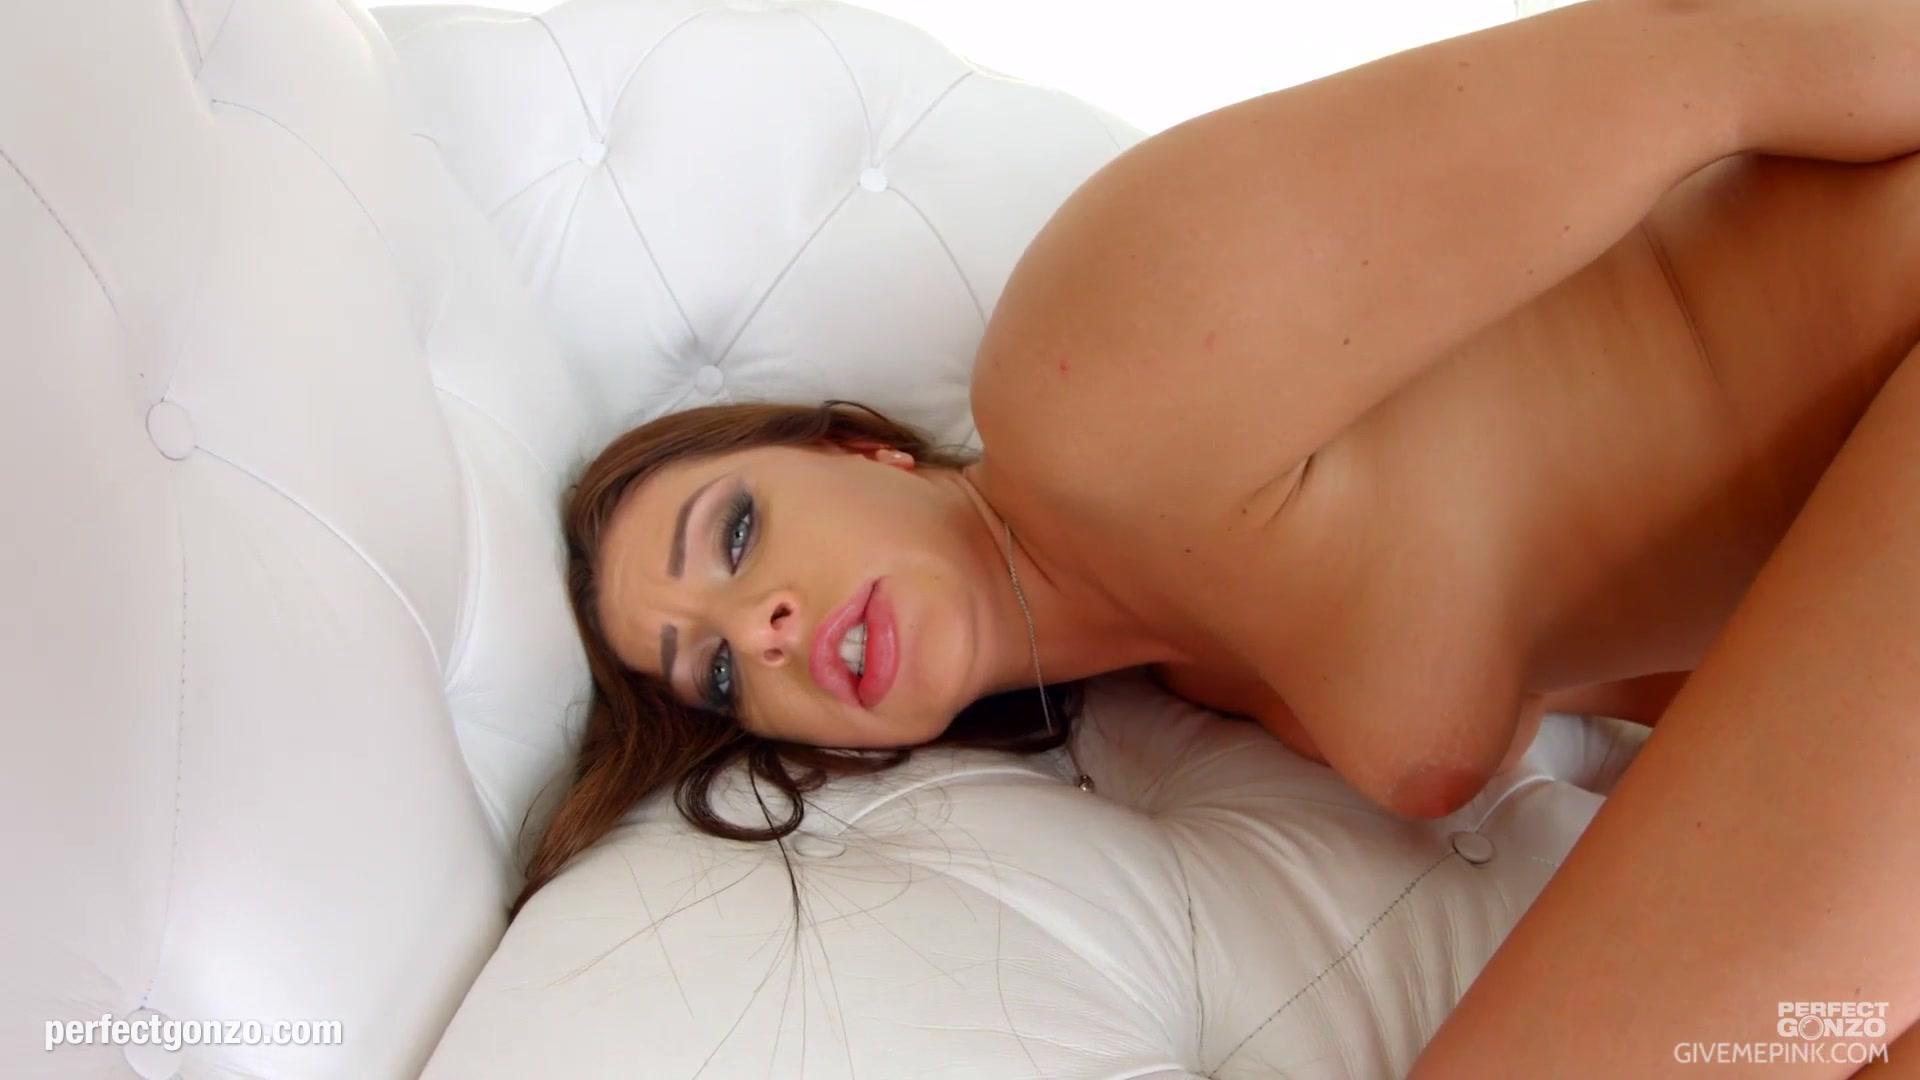 sexualni odnosi u toku menstruacije Porn clips